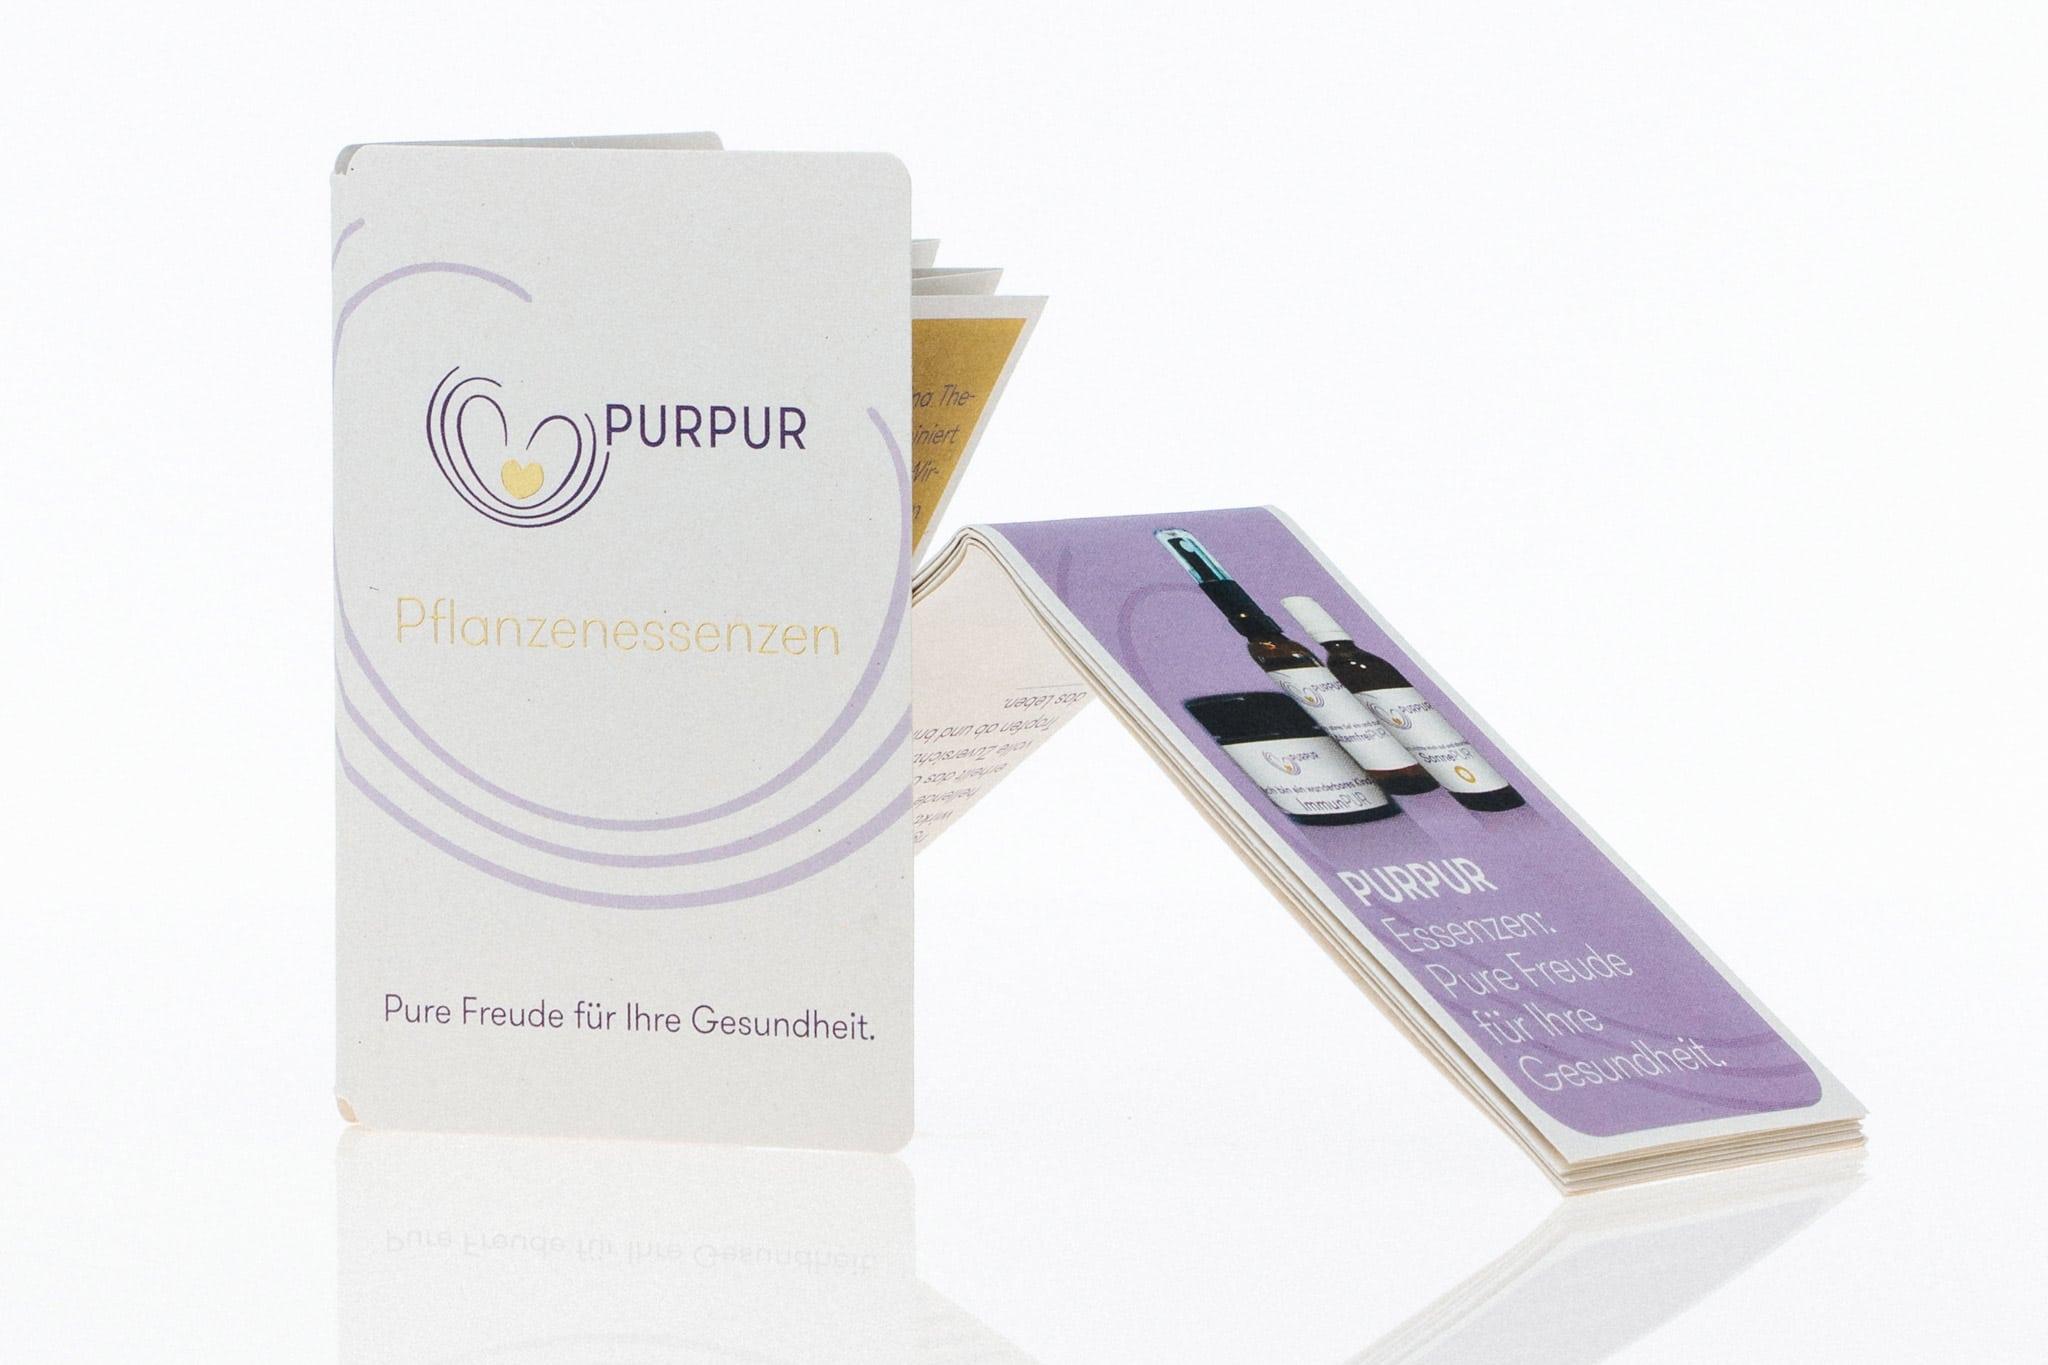 pocketfolder purpur